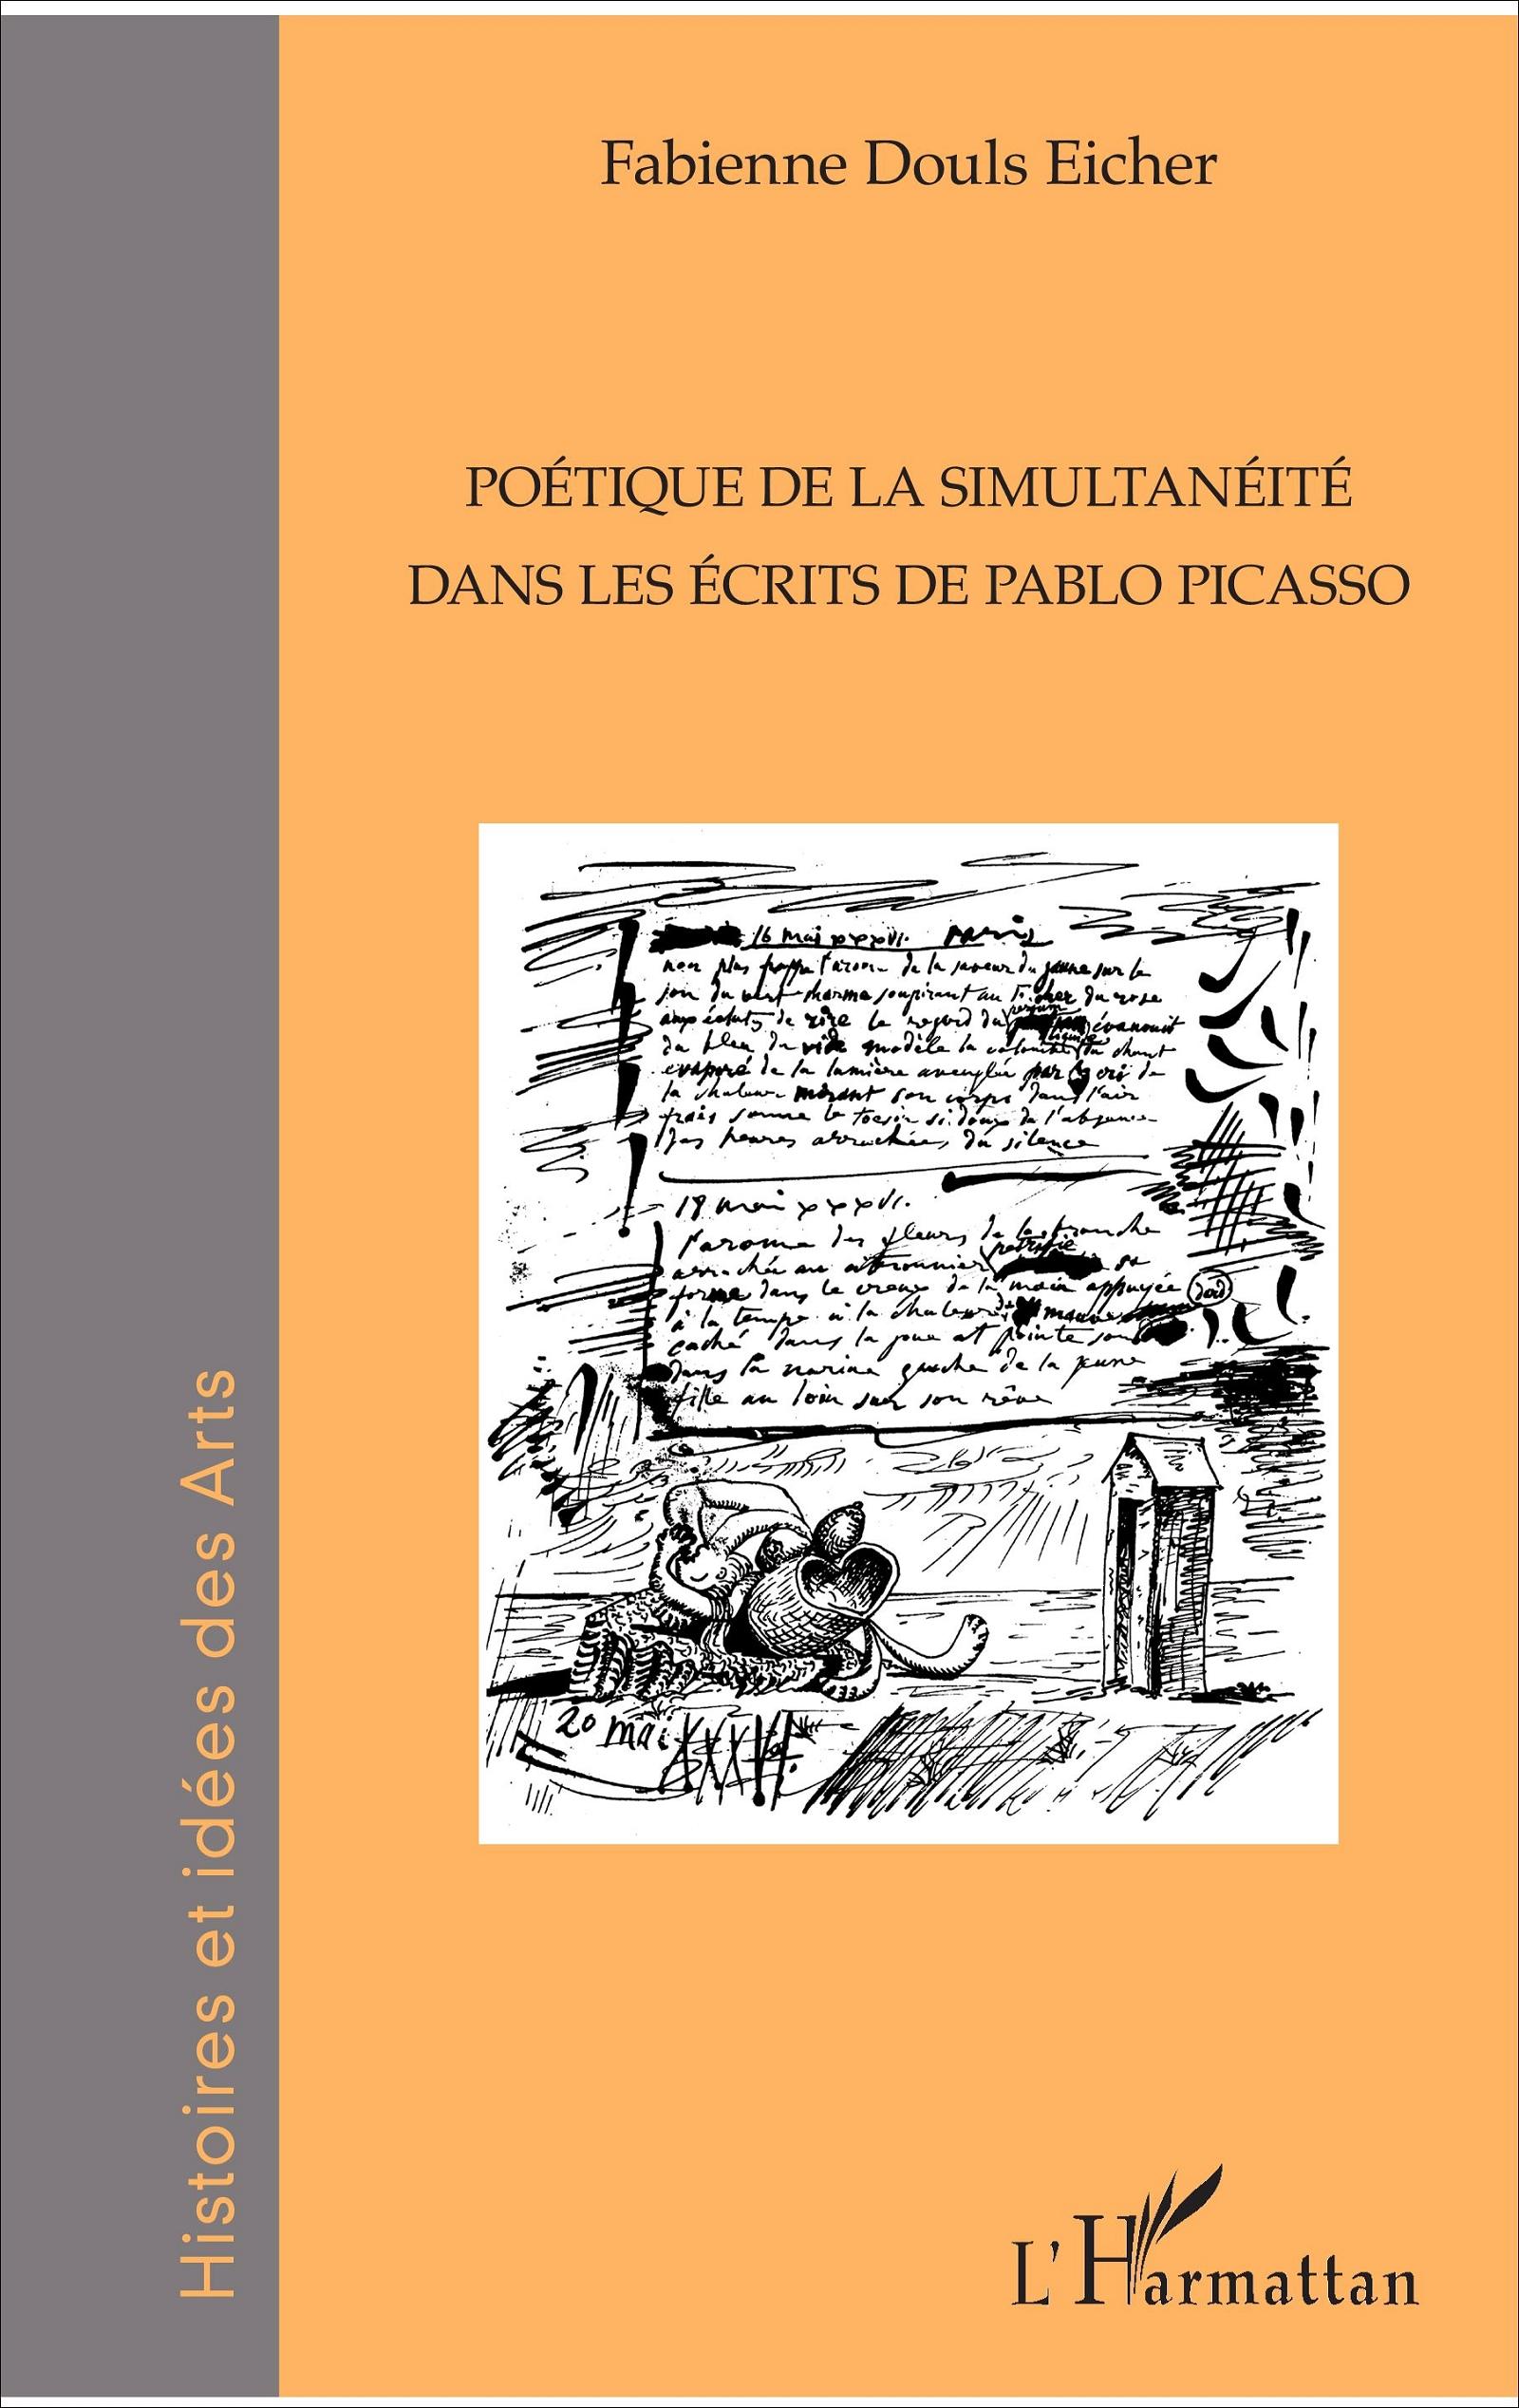 F. Douls Eicher, Poétique de la simultanéité dans les écrits de Pablo Picasso